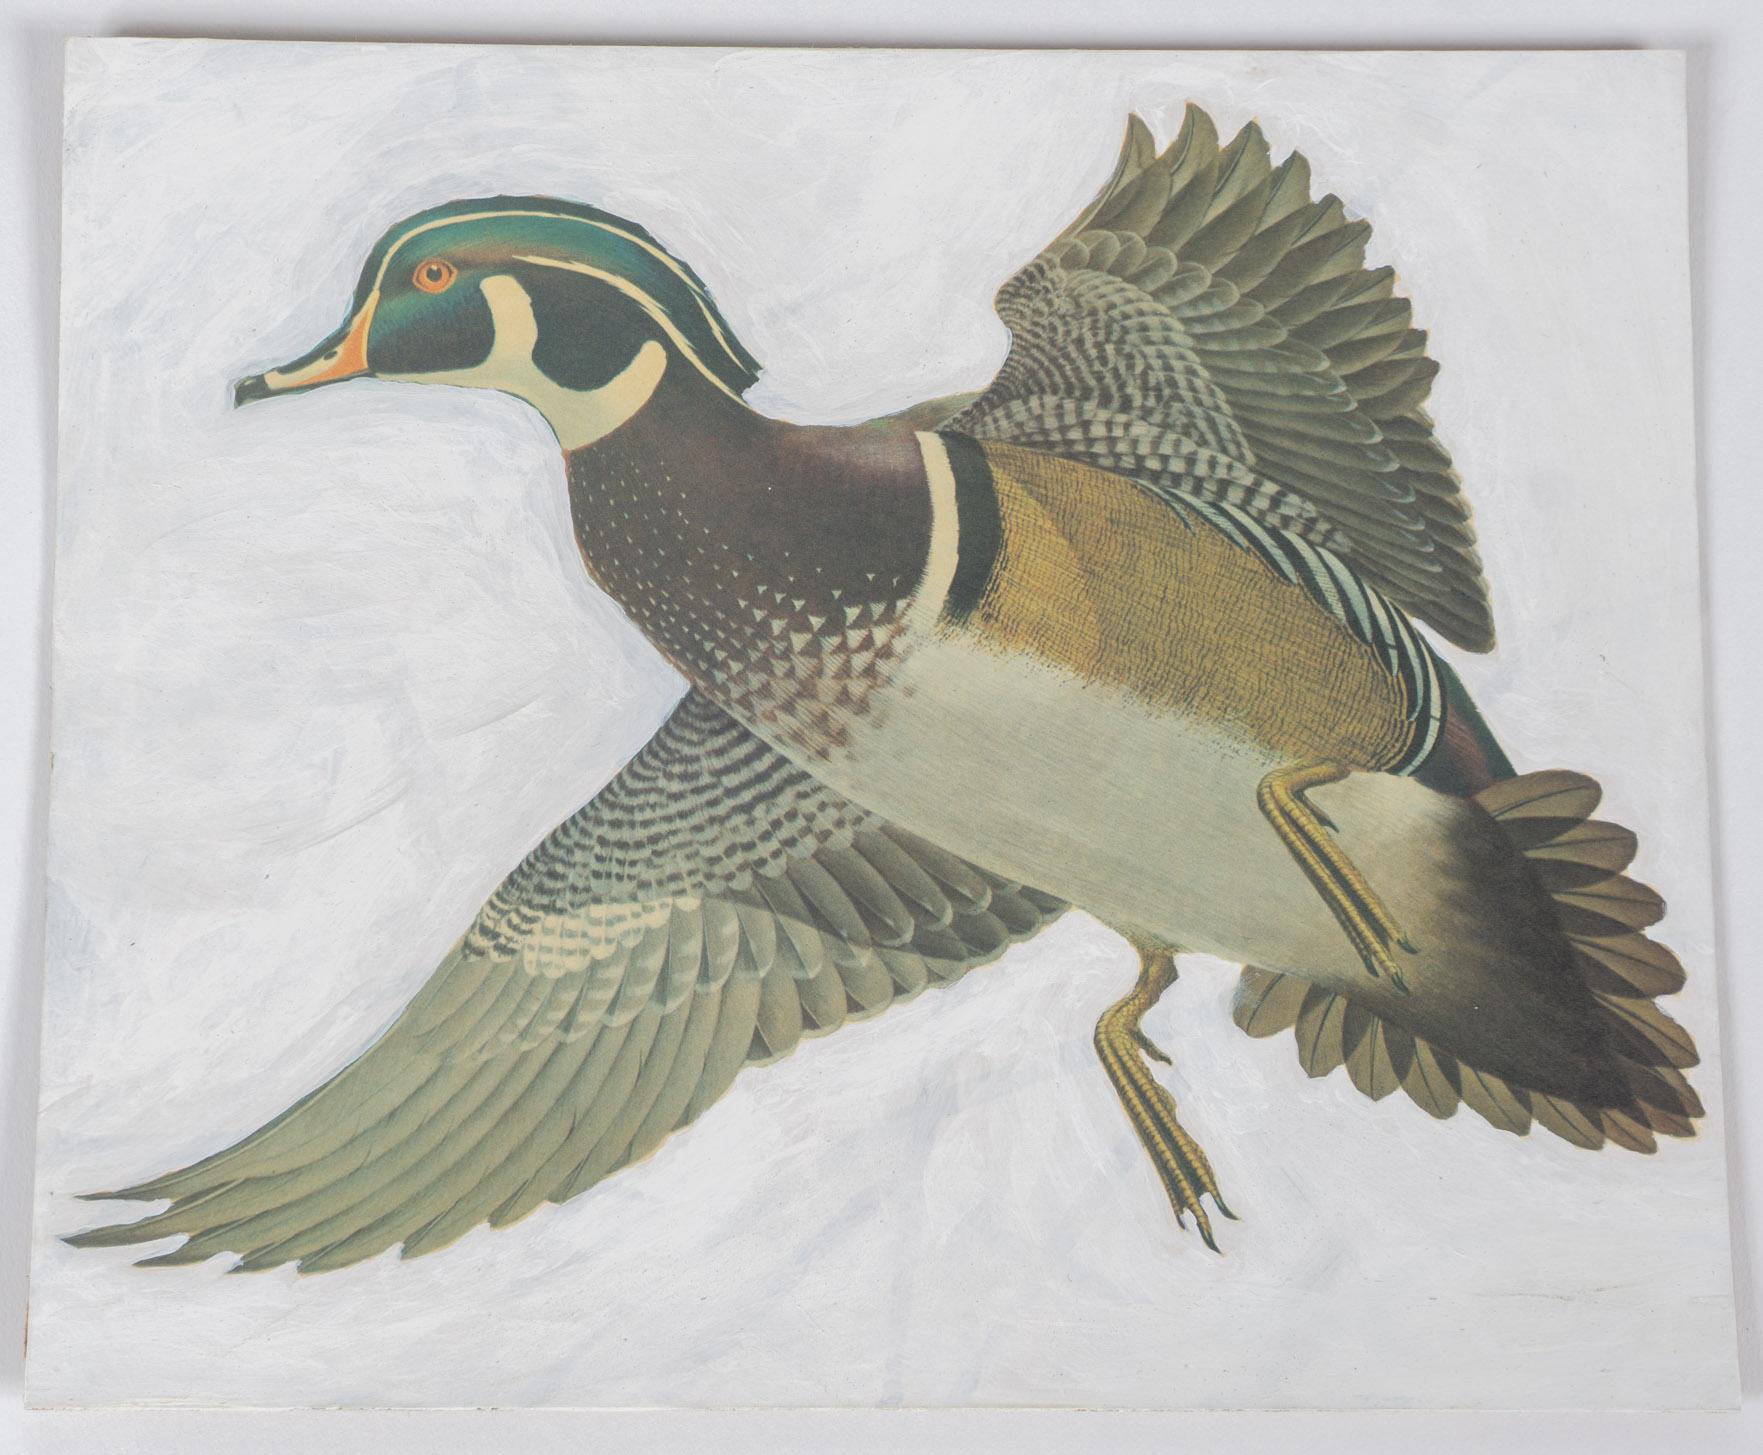 bird flying portrait   (9x11 - board - acrylic